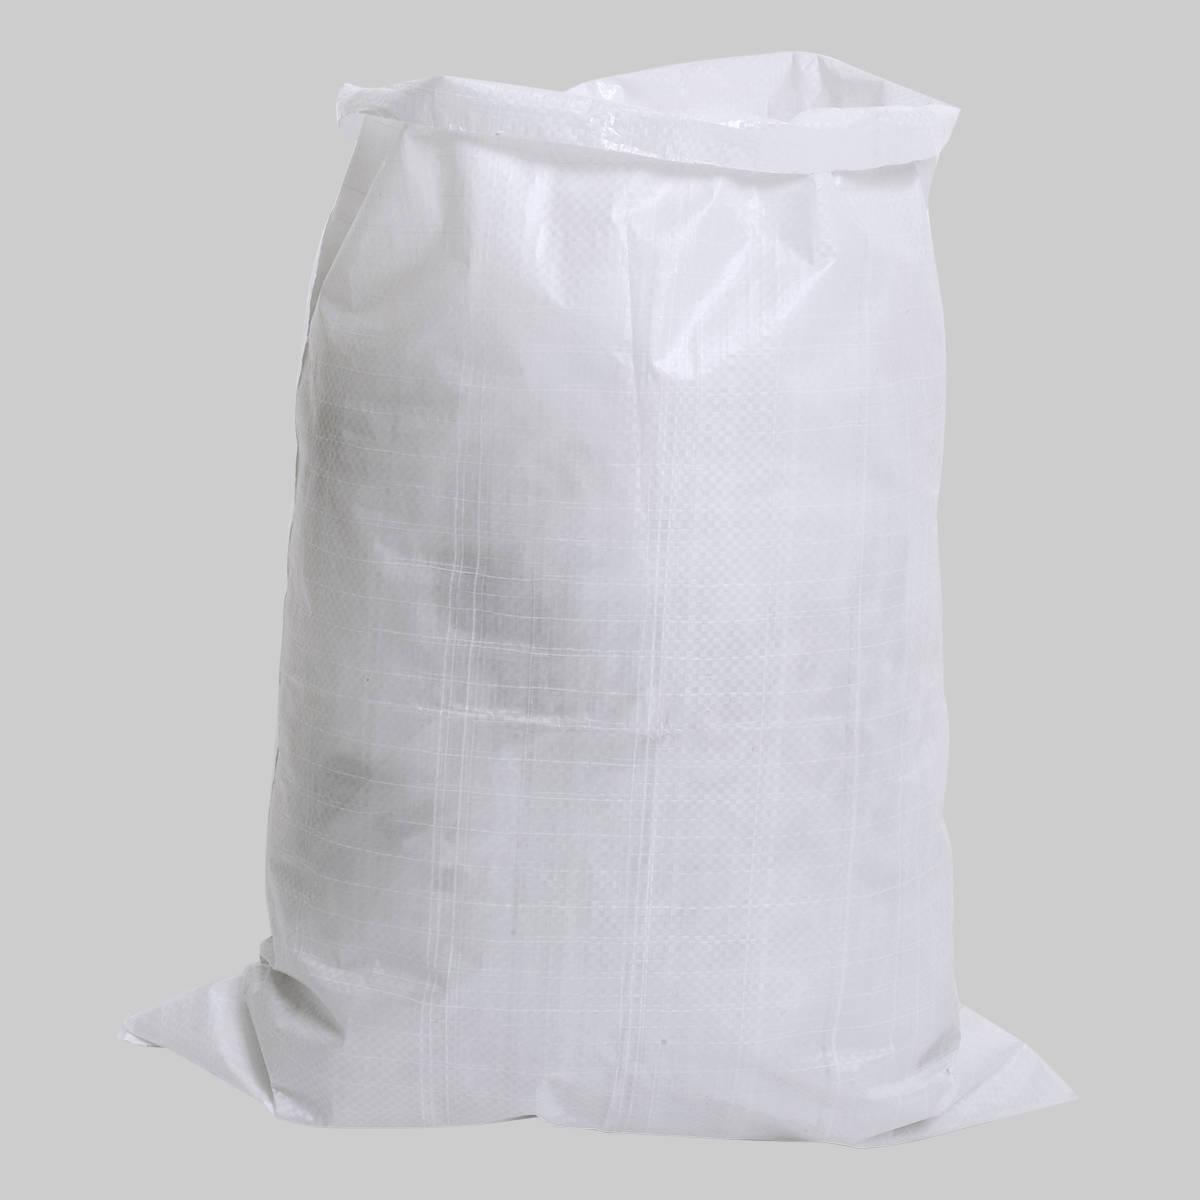 Polypropylene Woven Sacks X25 Londark